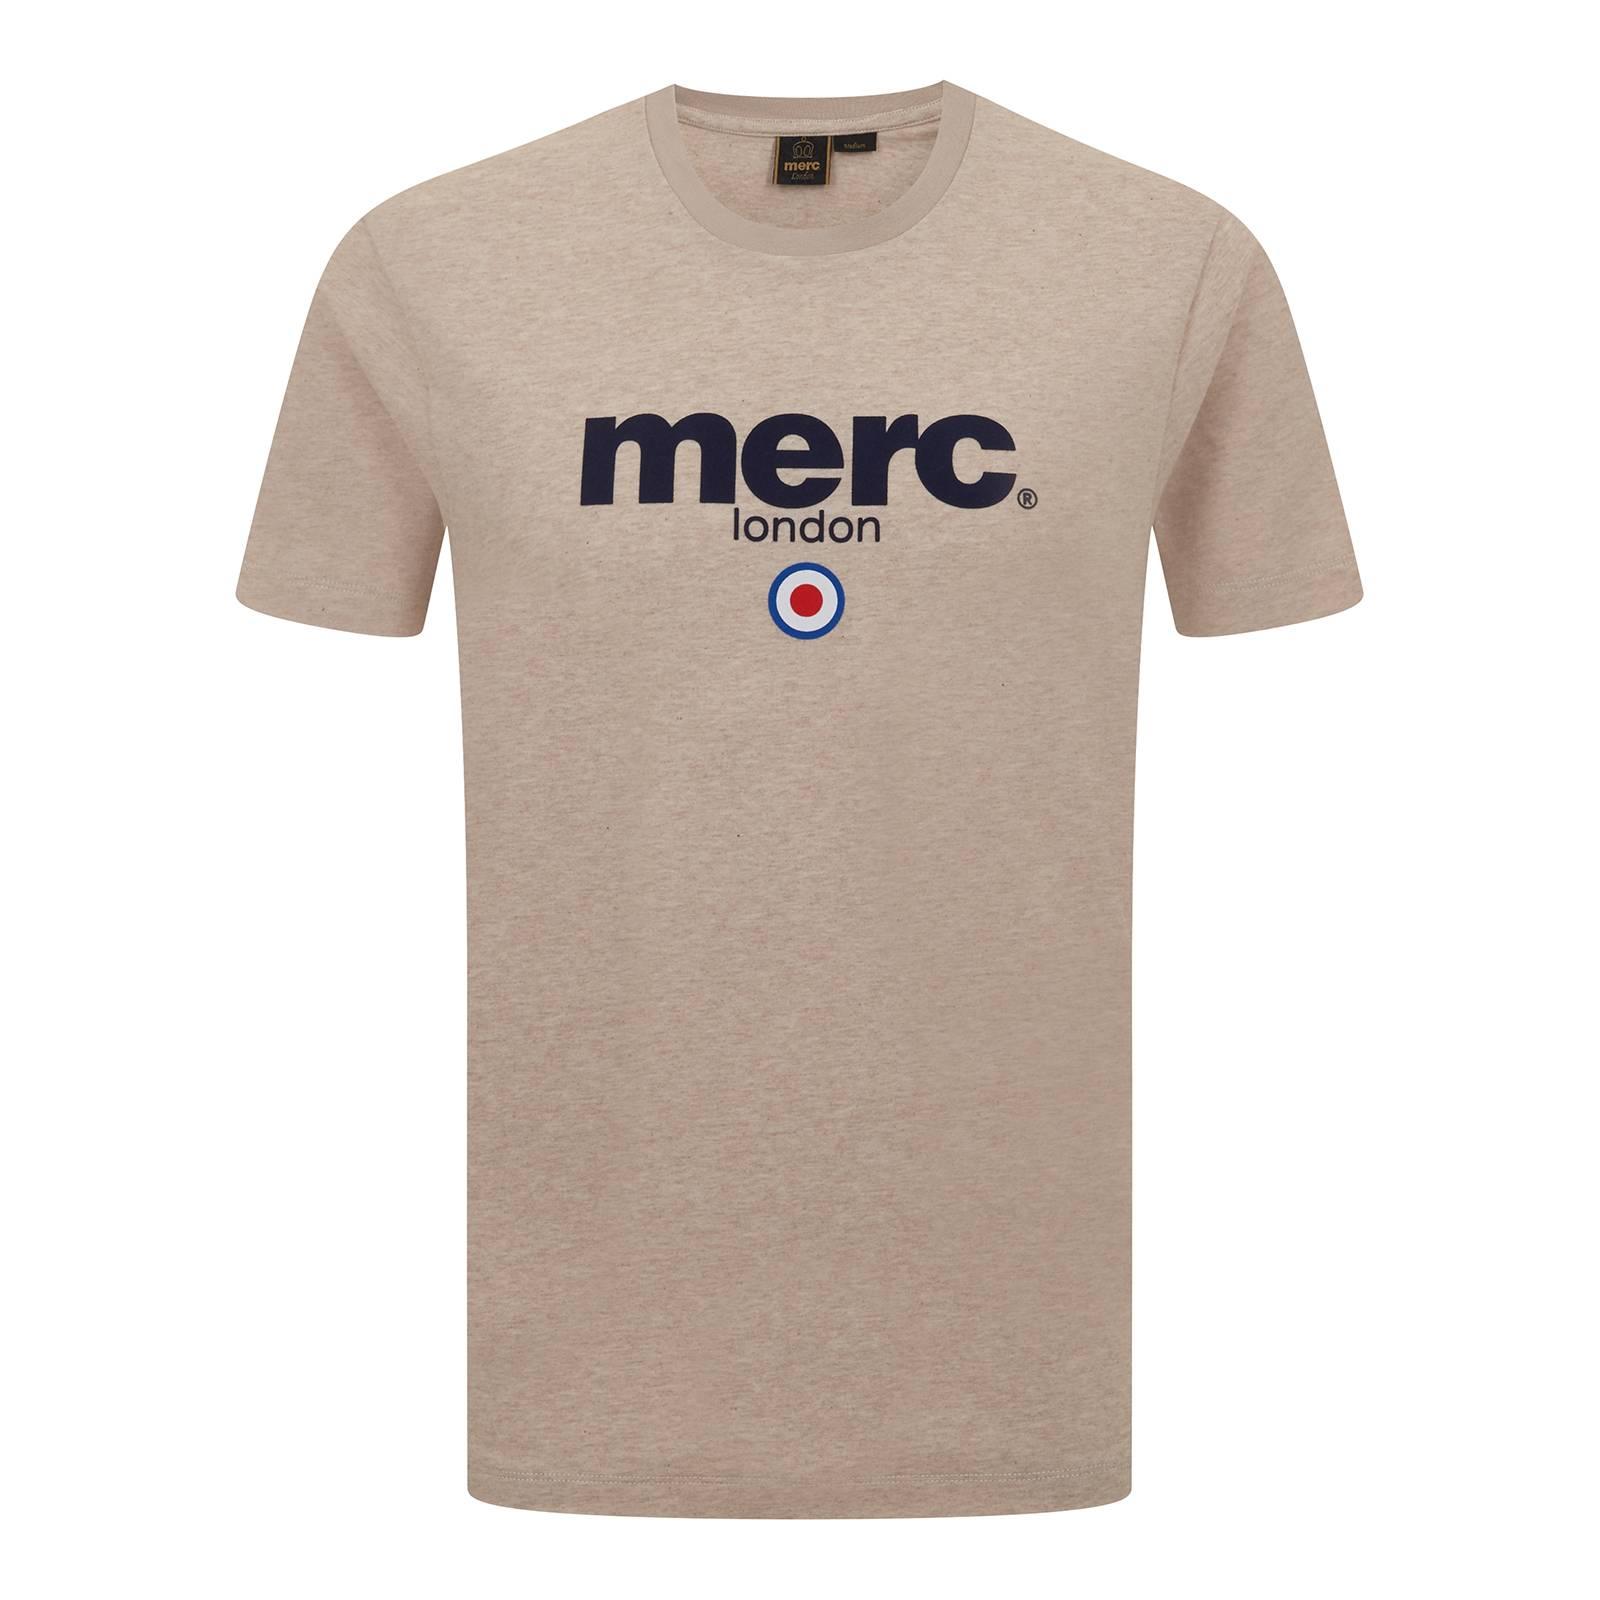 Футболка BrightonФутболки<br>Мужская футболка базовой всесезонной линии Core, брендированная классическим логотипом Merc и символом mod-движения - таргетом. Выпускается с момента основания бренда. Произведена из легкой и практичной хлопчатобумажной ткани Оксфорд. Принт-логотип нанесен методом высококачественной шелкографии, не сходит и не блекнет в результате стирок. Расположение лого в верхней части футболки позволяет красиво комбинировать ее с не до конца застегнутой олимпийкой, кардиганом или ветровкой. Произведена в Европейском Союзе.<br><br>Артикул: 1704136<br>Материал: 100% хлопок<br>Цвет: пшеничный<br>Пол: Мужской